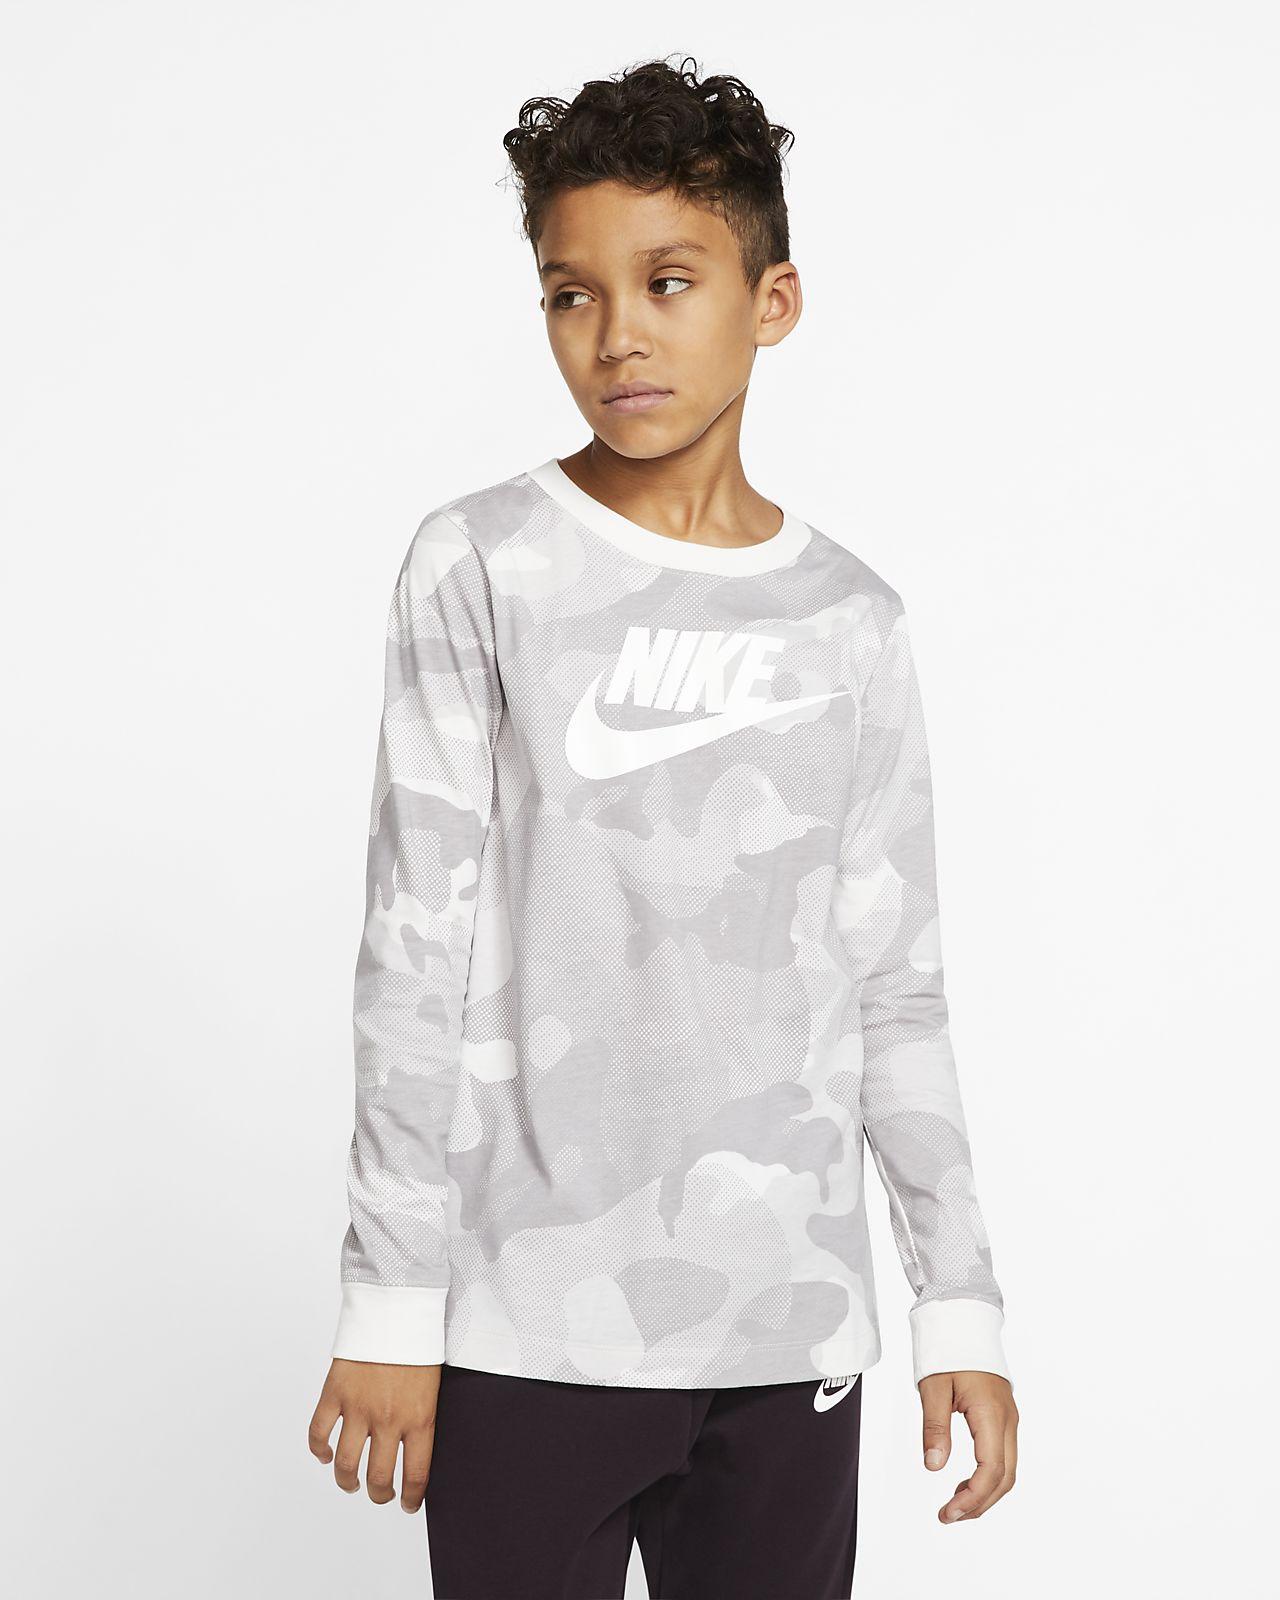 Nike Sportswear Older Kids' (Boys') Long-Sleeve T-Shirt